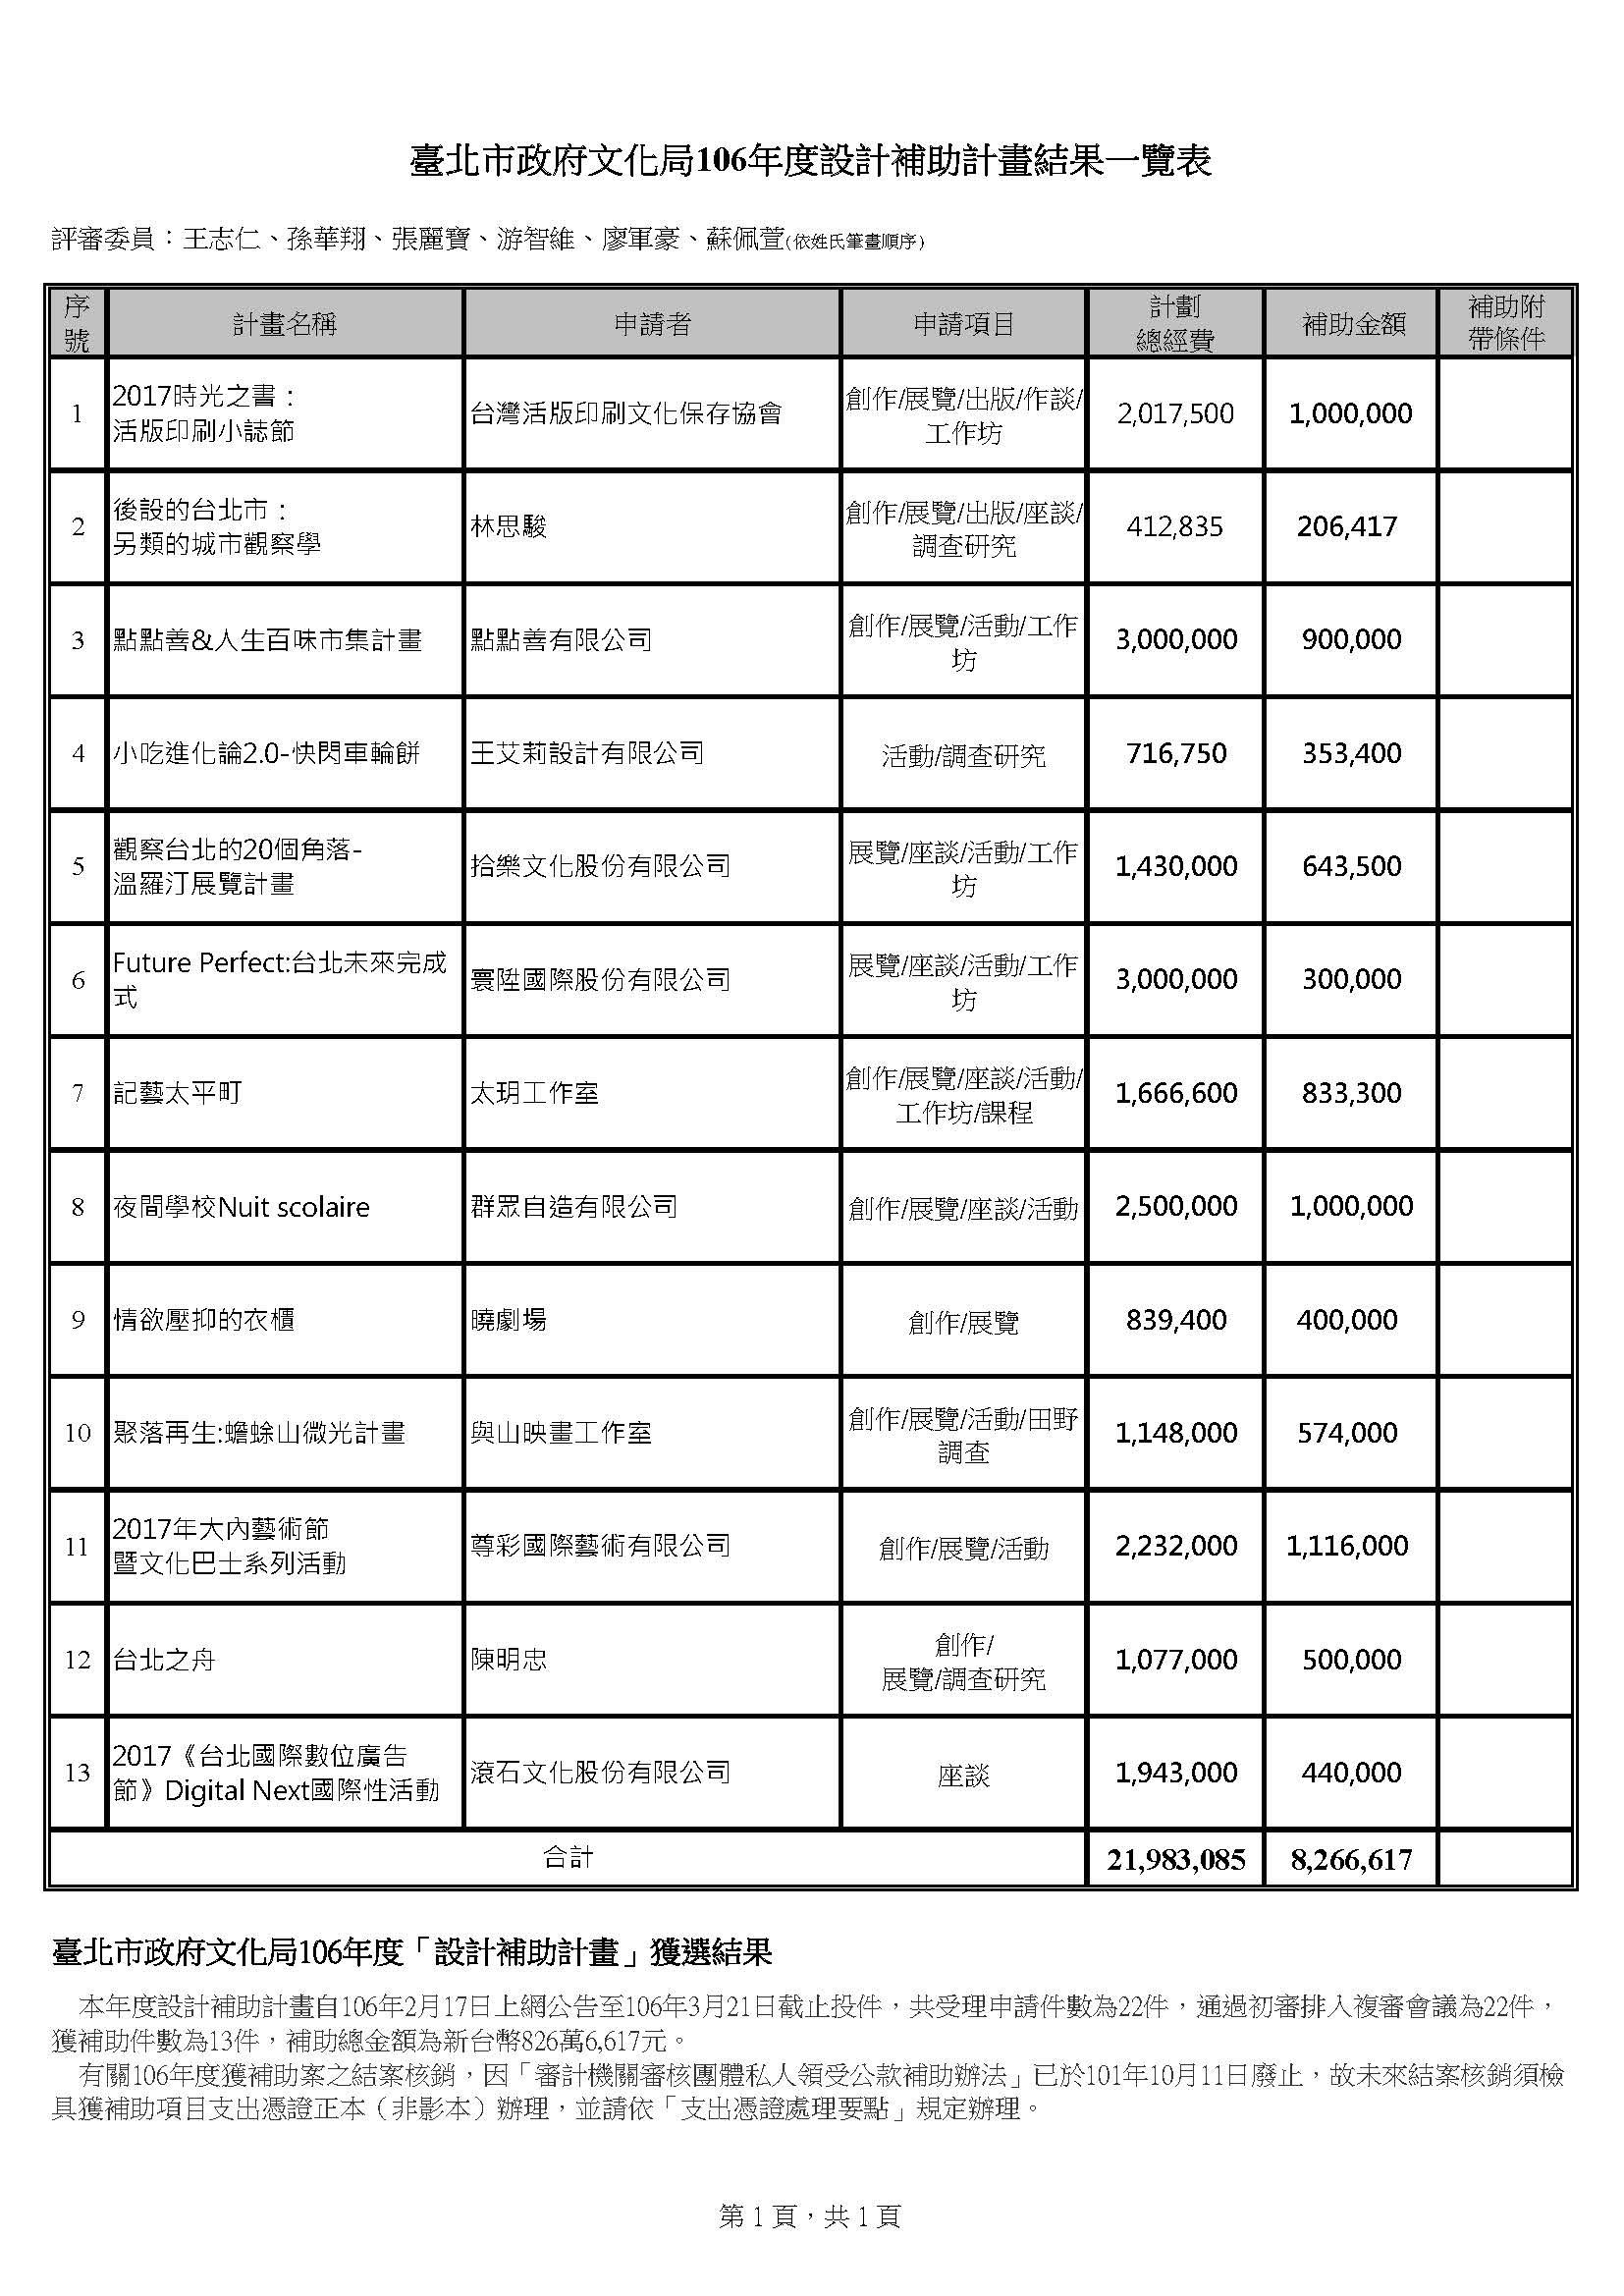 臺北市政府文化局106年度設計補助計畫結果一覽表